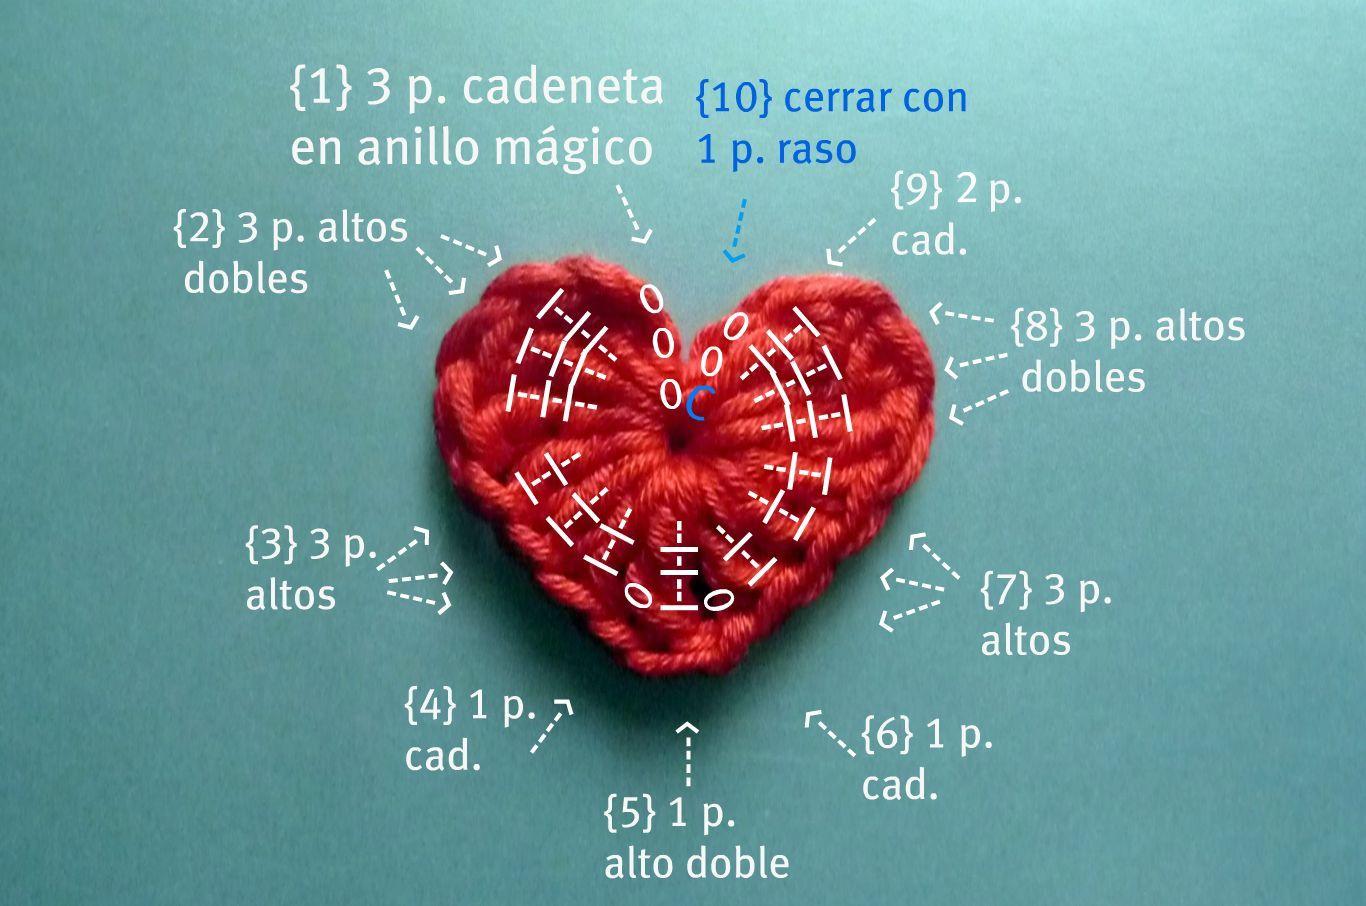 Taller de Gis: Anatomía del corazón